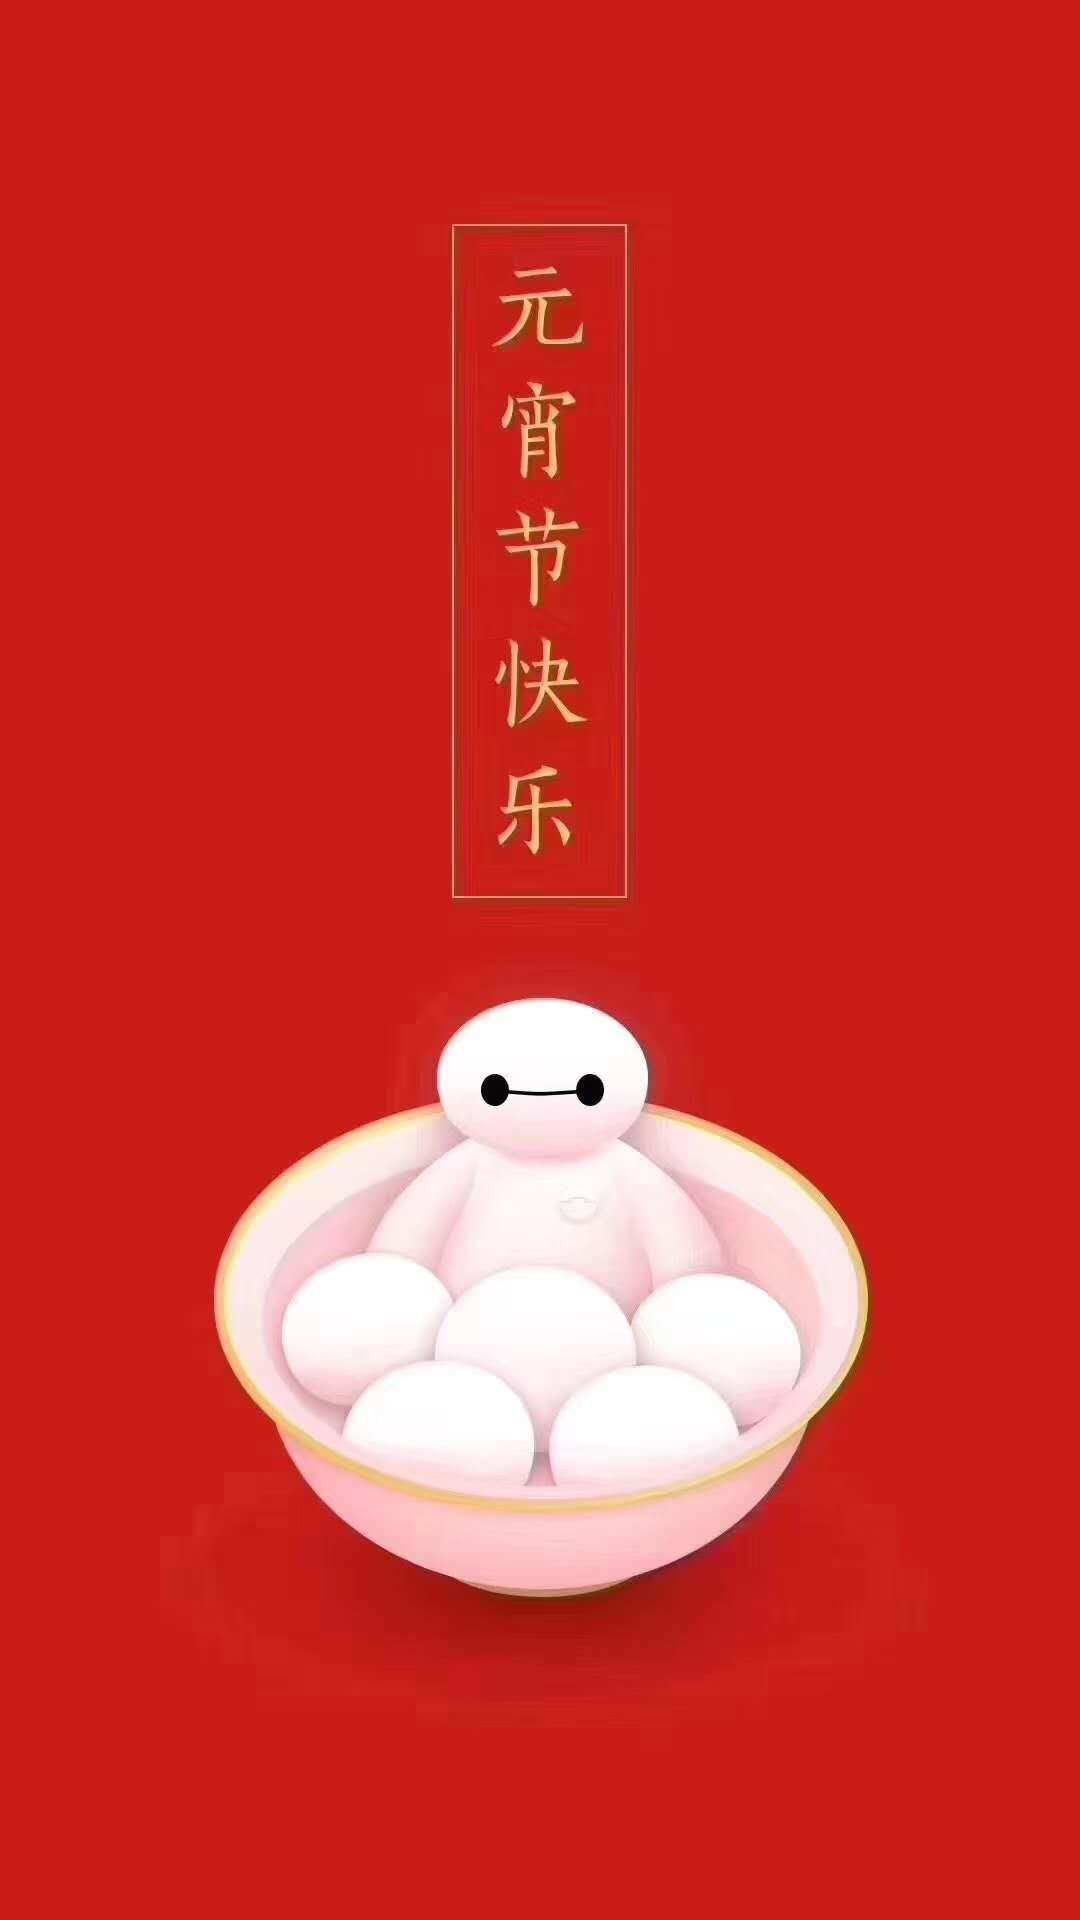 万博max登录版广告祝您元宵喜乐!